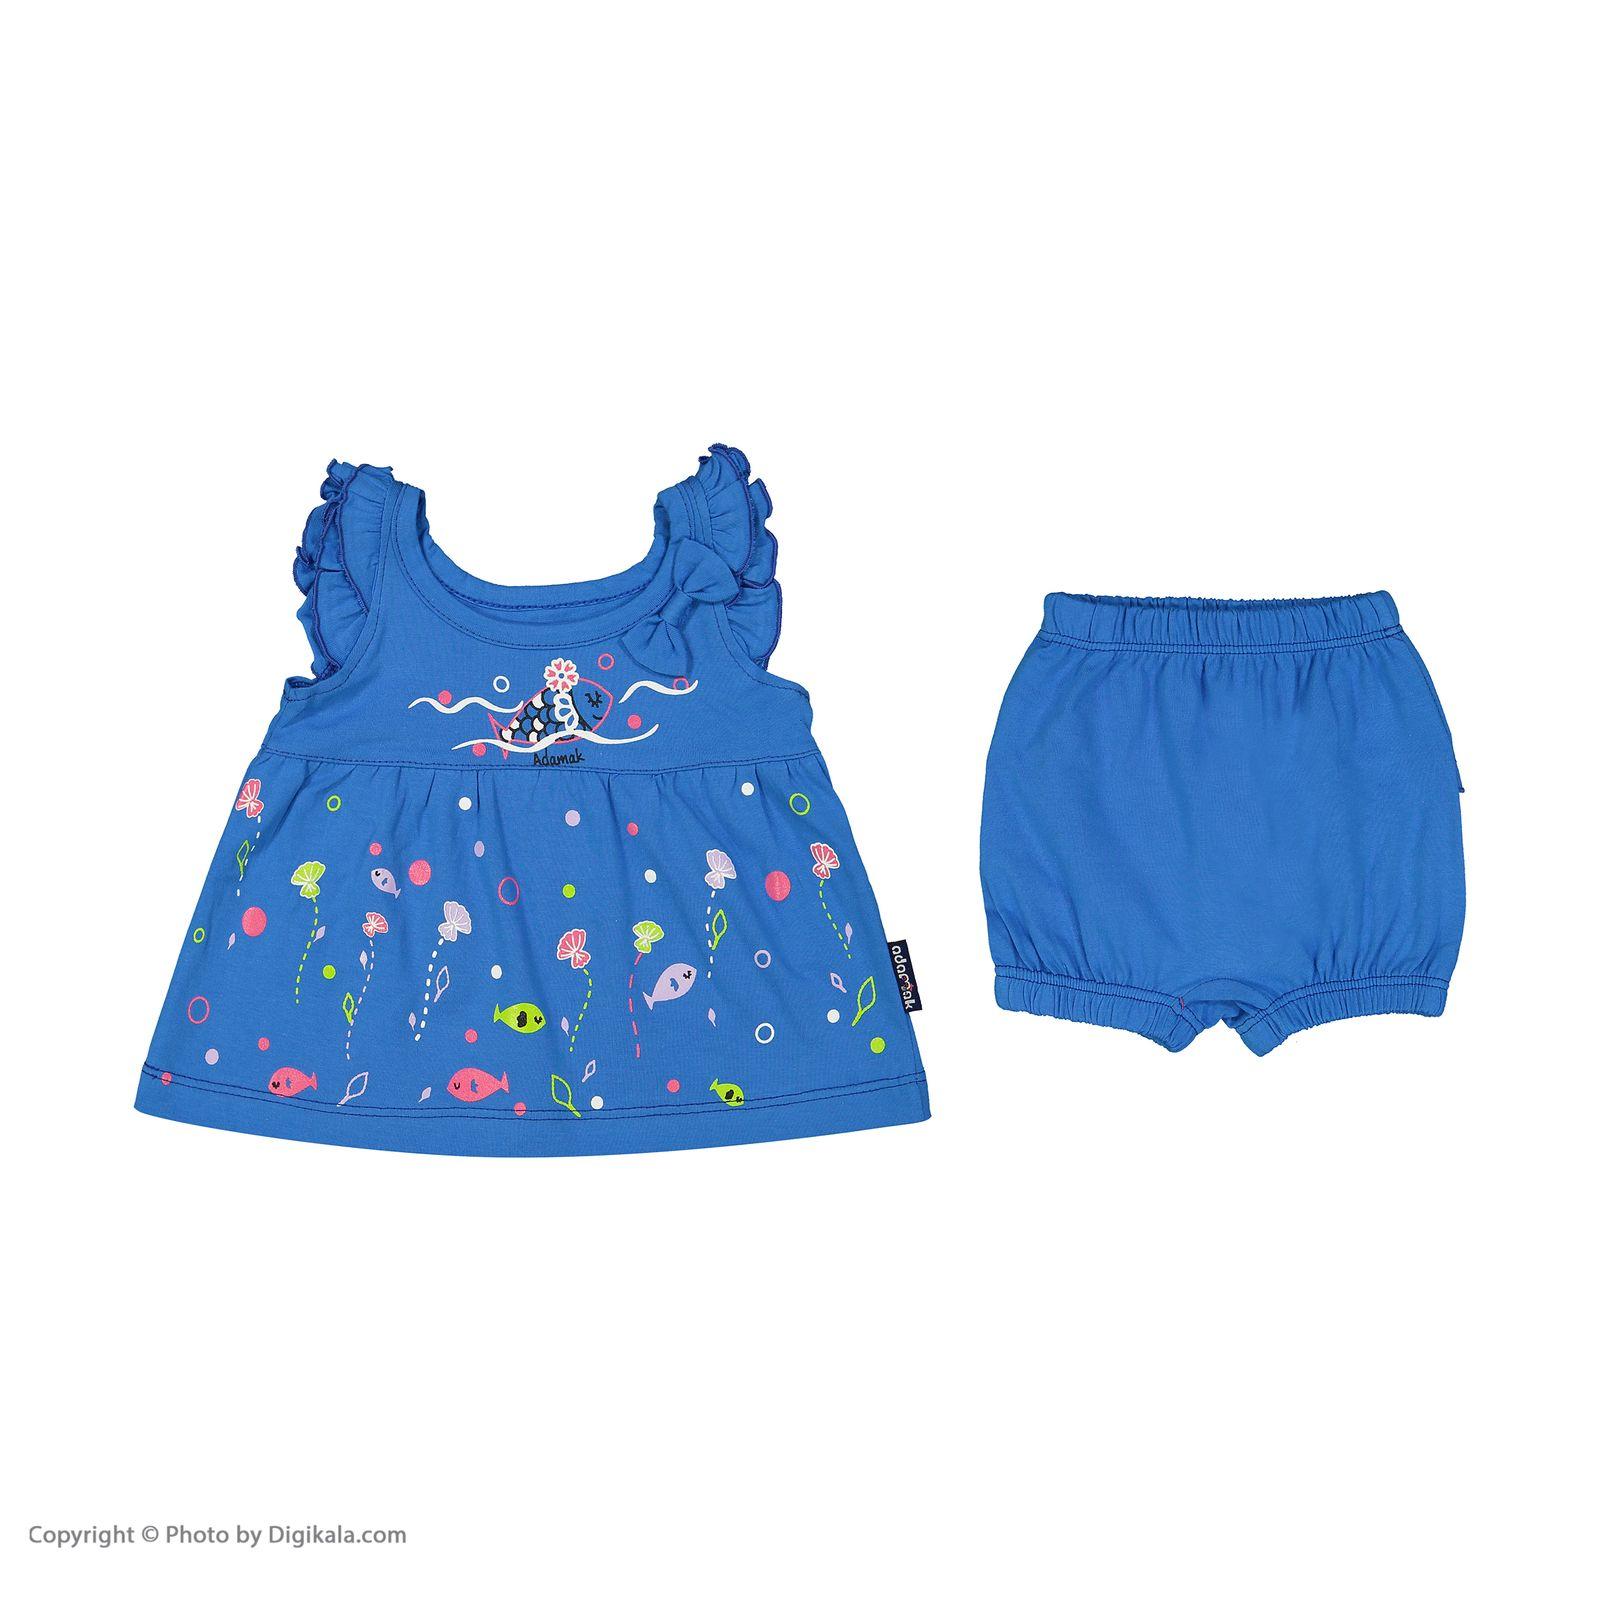 ست پیراهن و شورت نوزادی دخترانه مدل 2171111-58 -  - 4